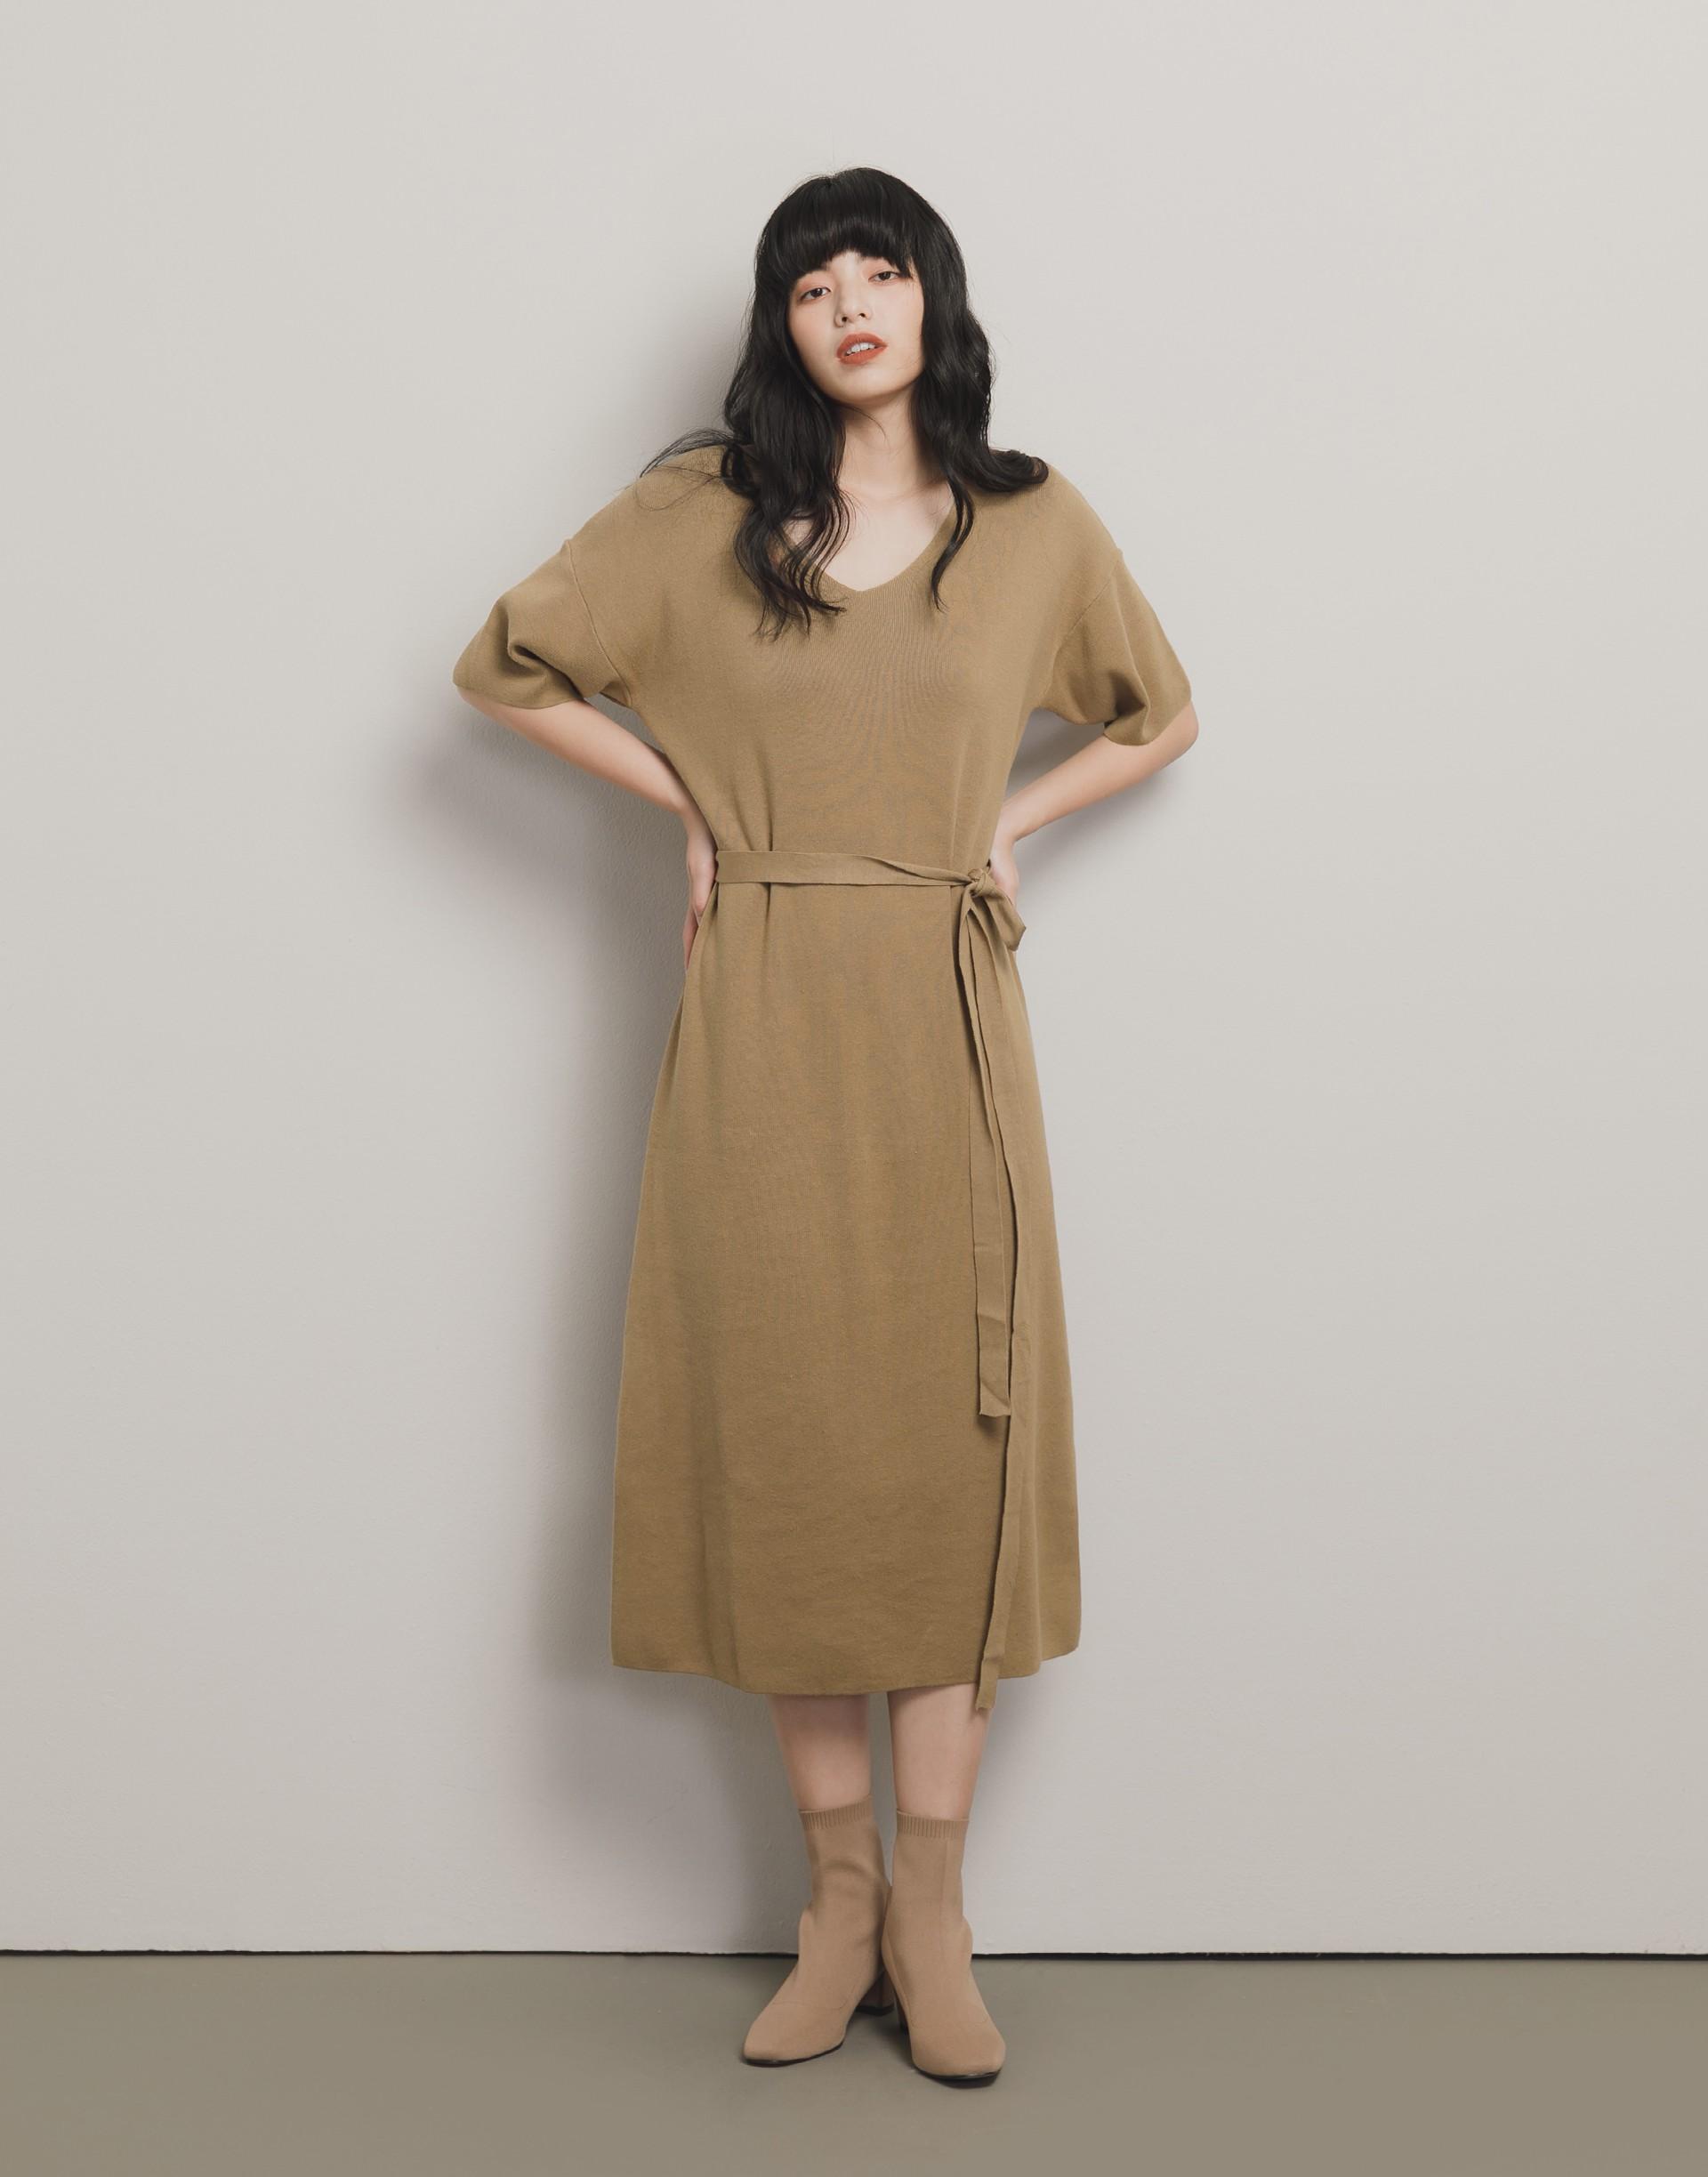 彈性:微彈 舒適親膚的針織棉面料、落肩隨興寬鬆設計、附綁帶、側開岔